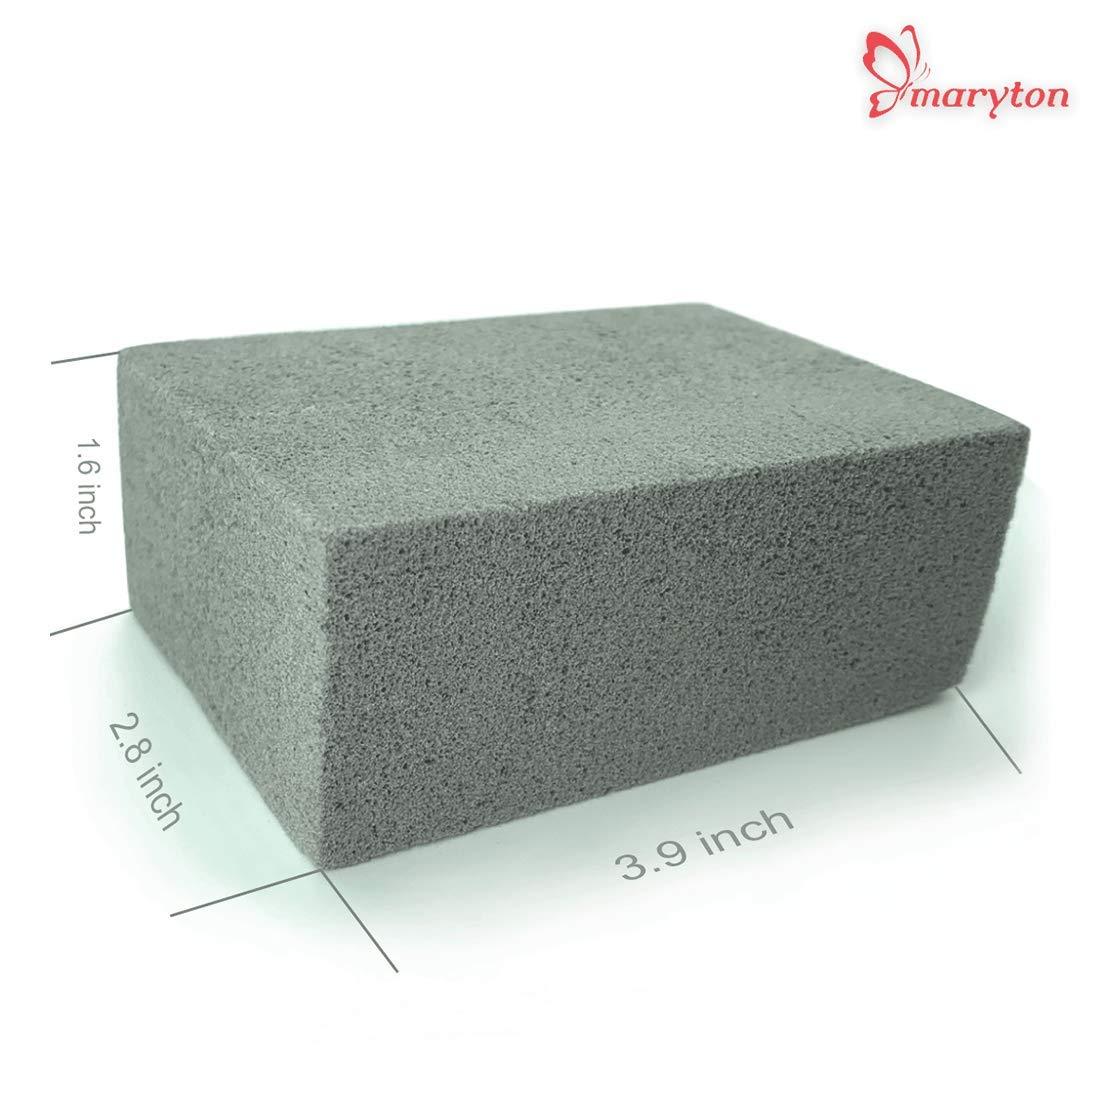 Amazon.com: Maryton - Bloque de ladrillos de limpieza para ...